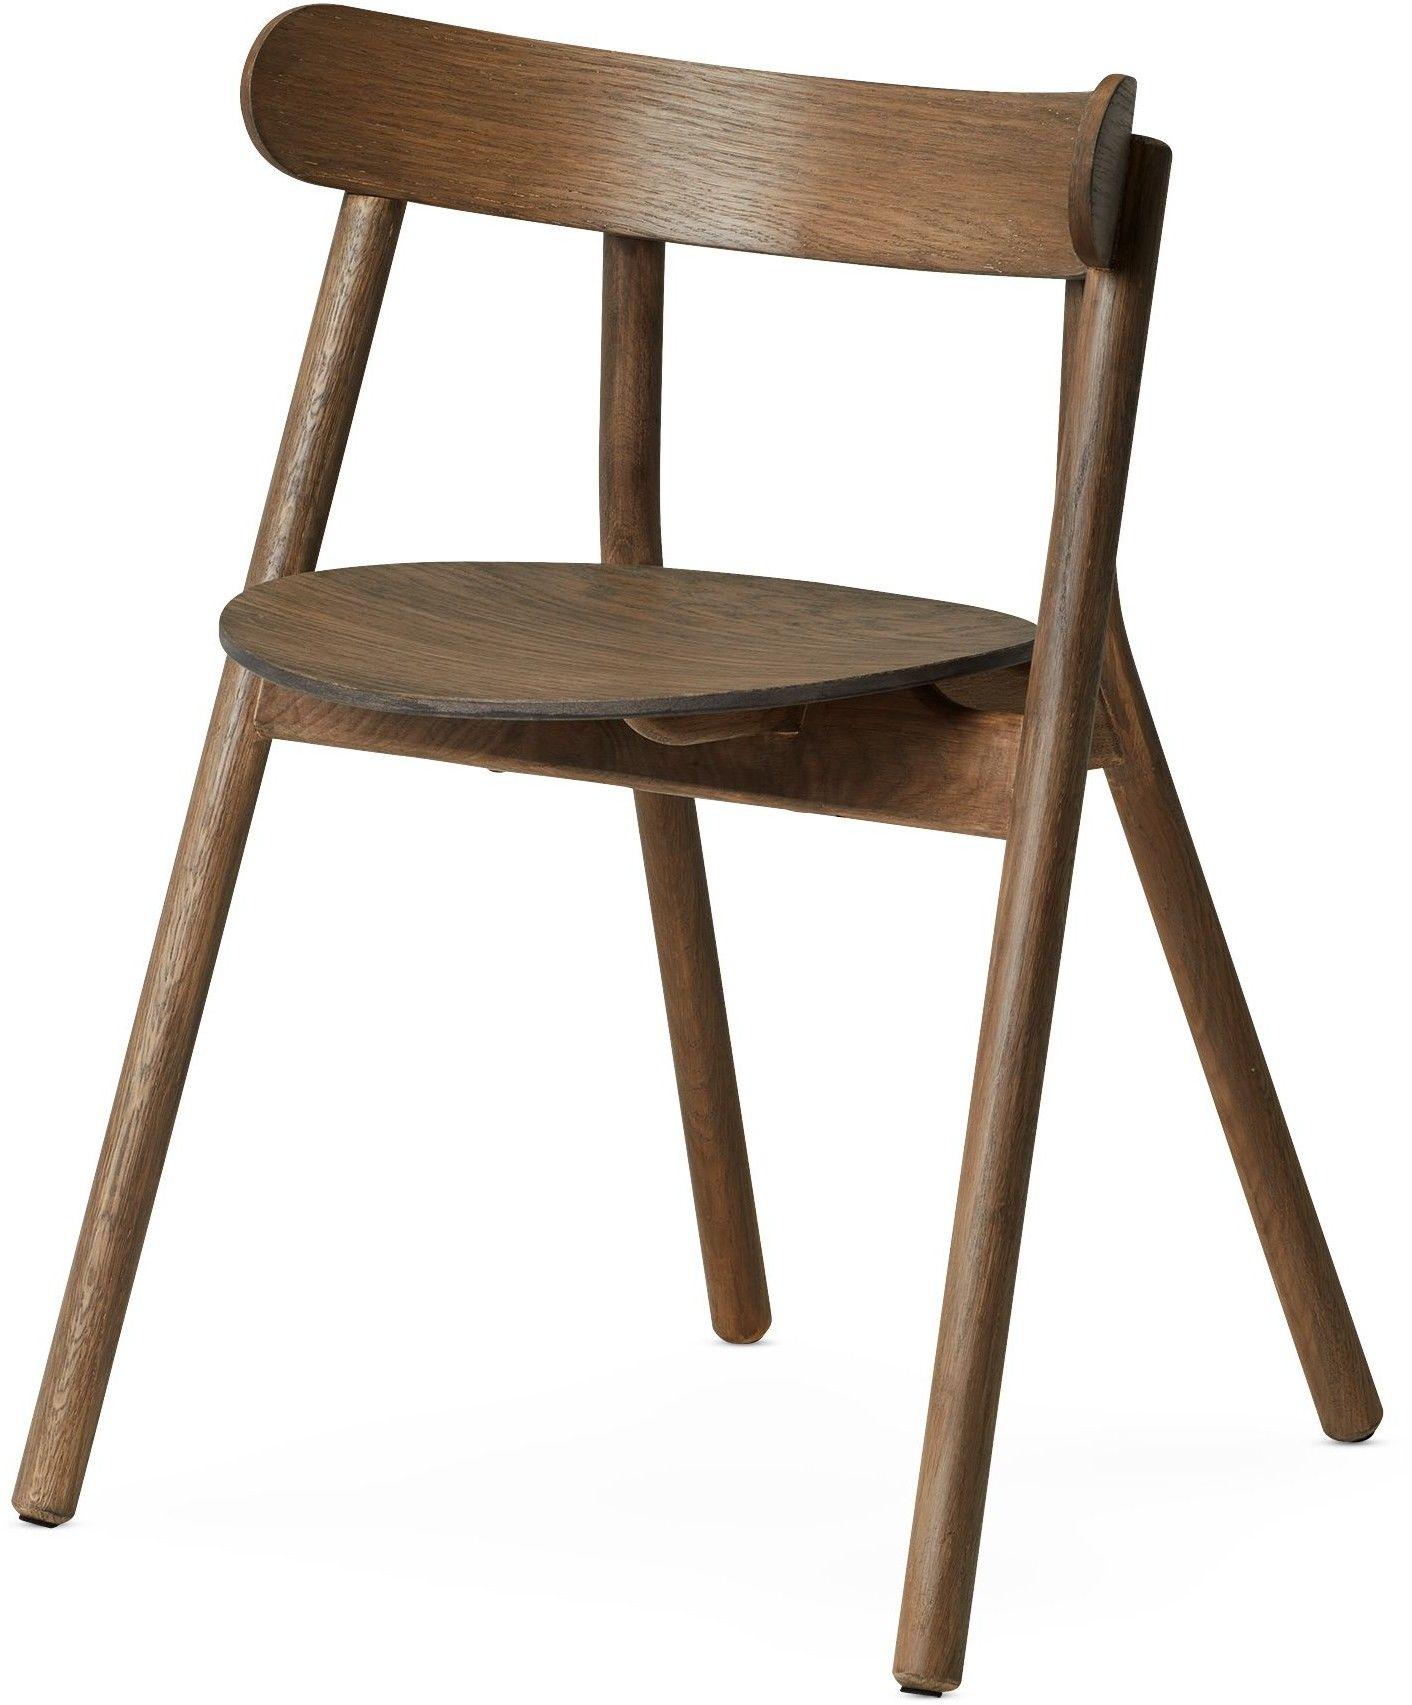 Oaki krzesło przydymiony dąb Norhern Lighting